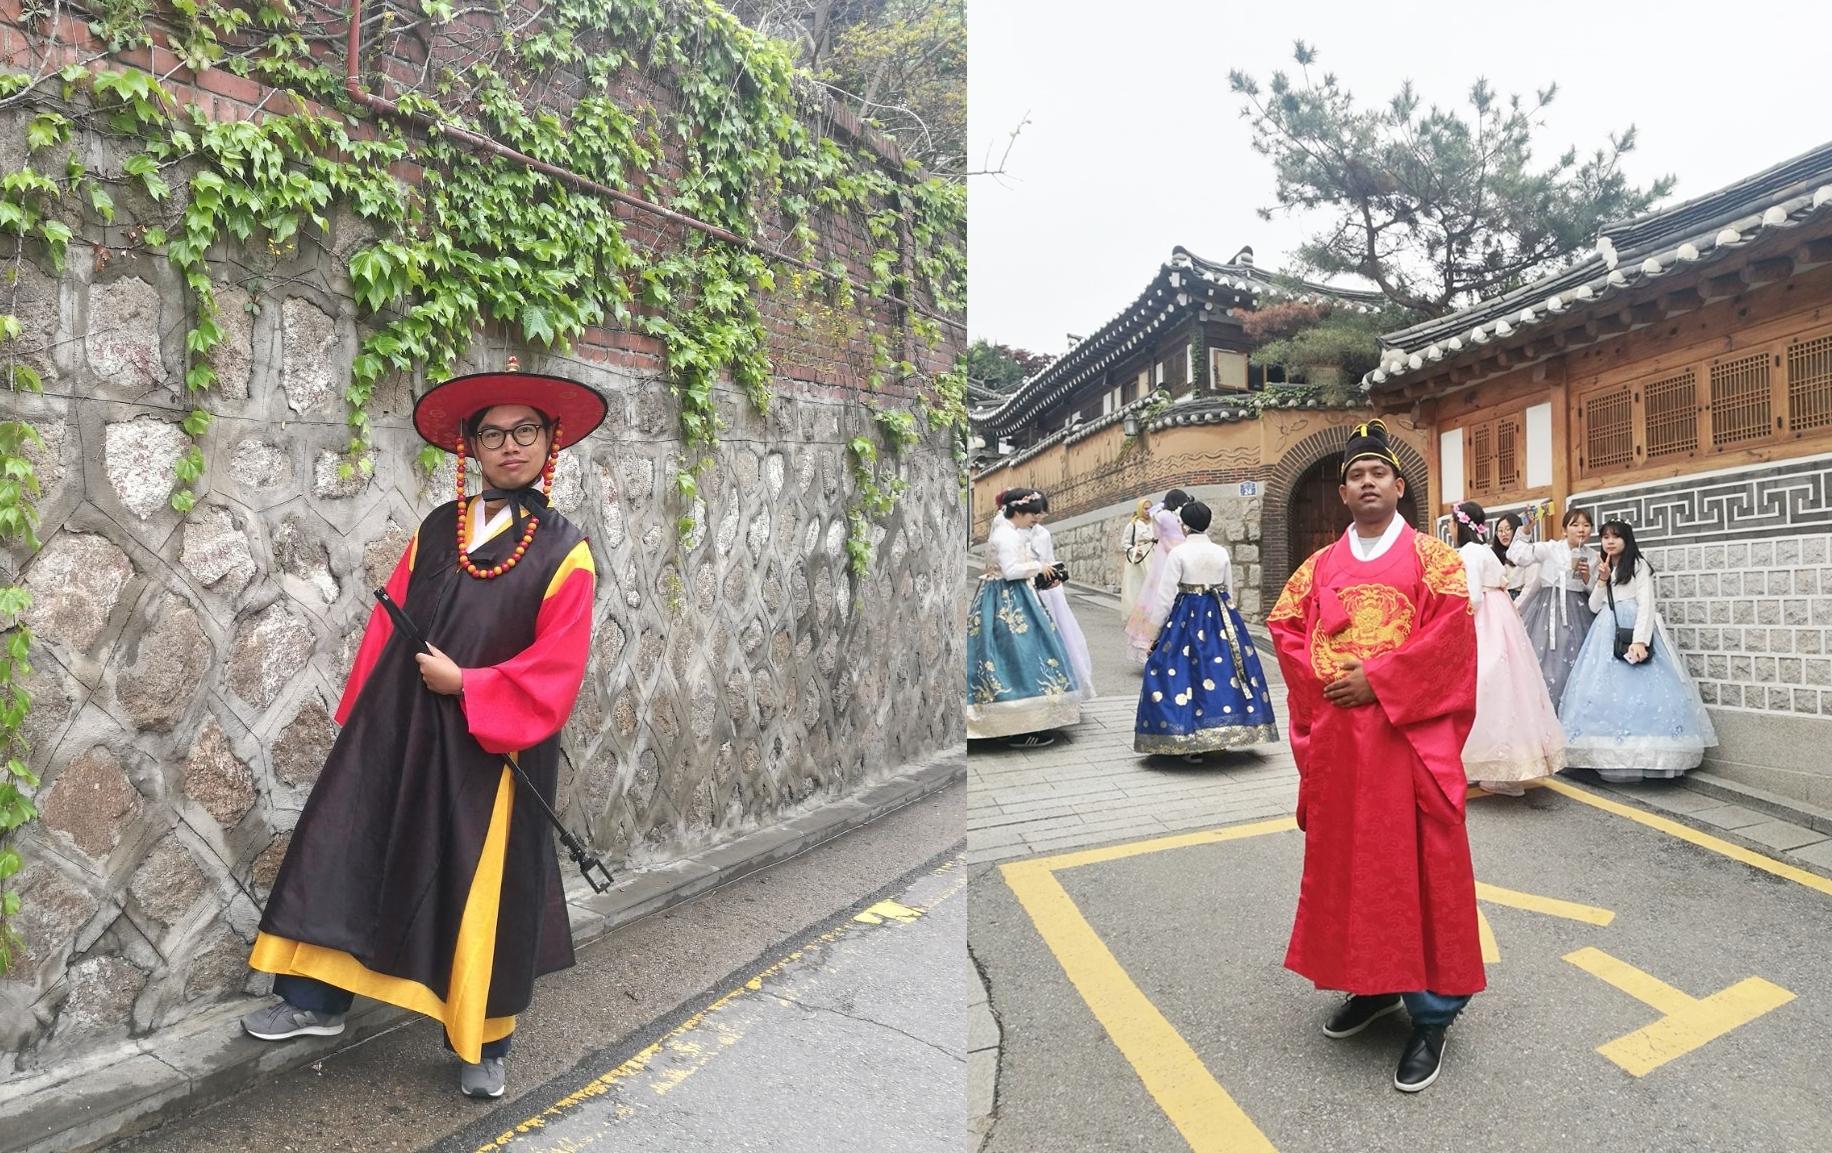 boleh-foto-di-bukchon-village-asal-jangan-berisik-salam-korea-3